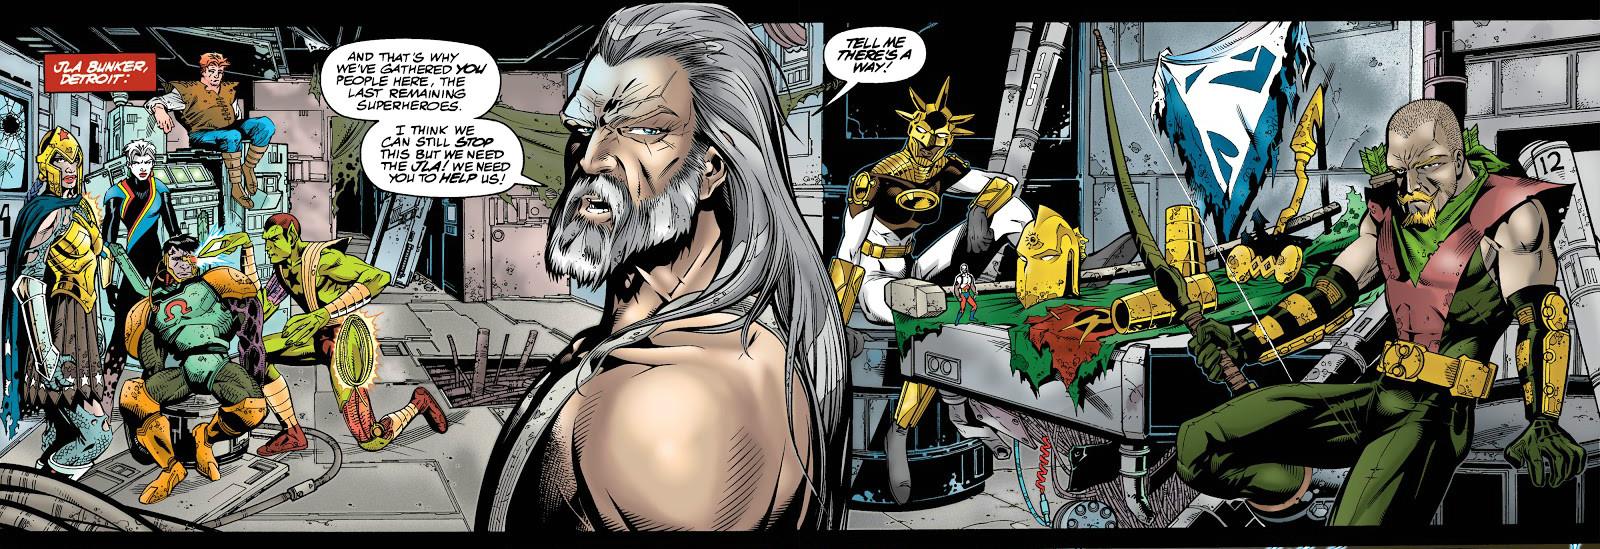 plano critico a pedra da eternidade darkseid luthor liga da justiça